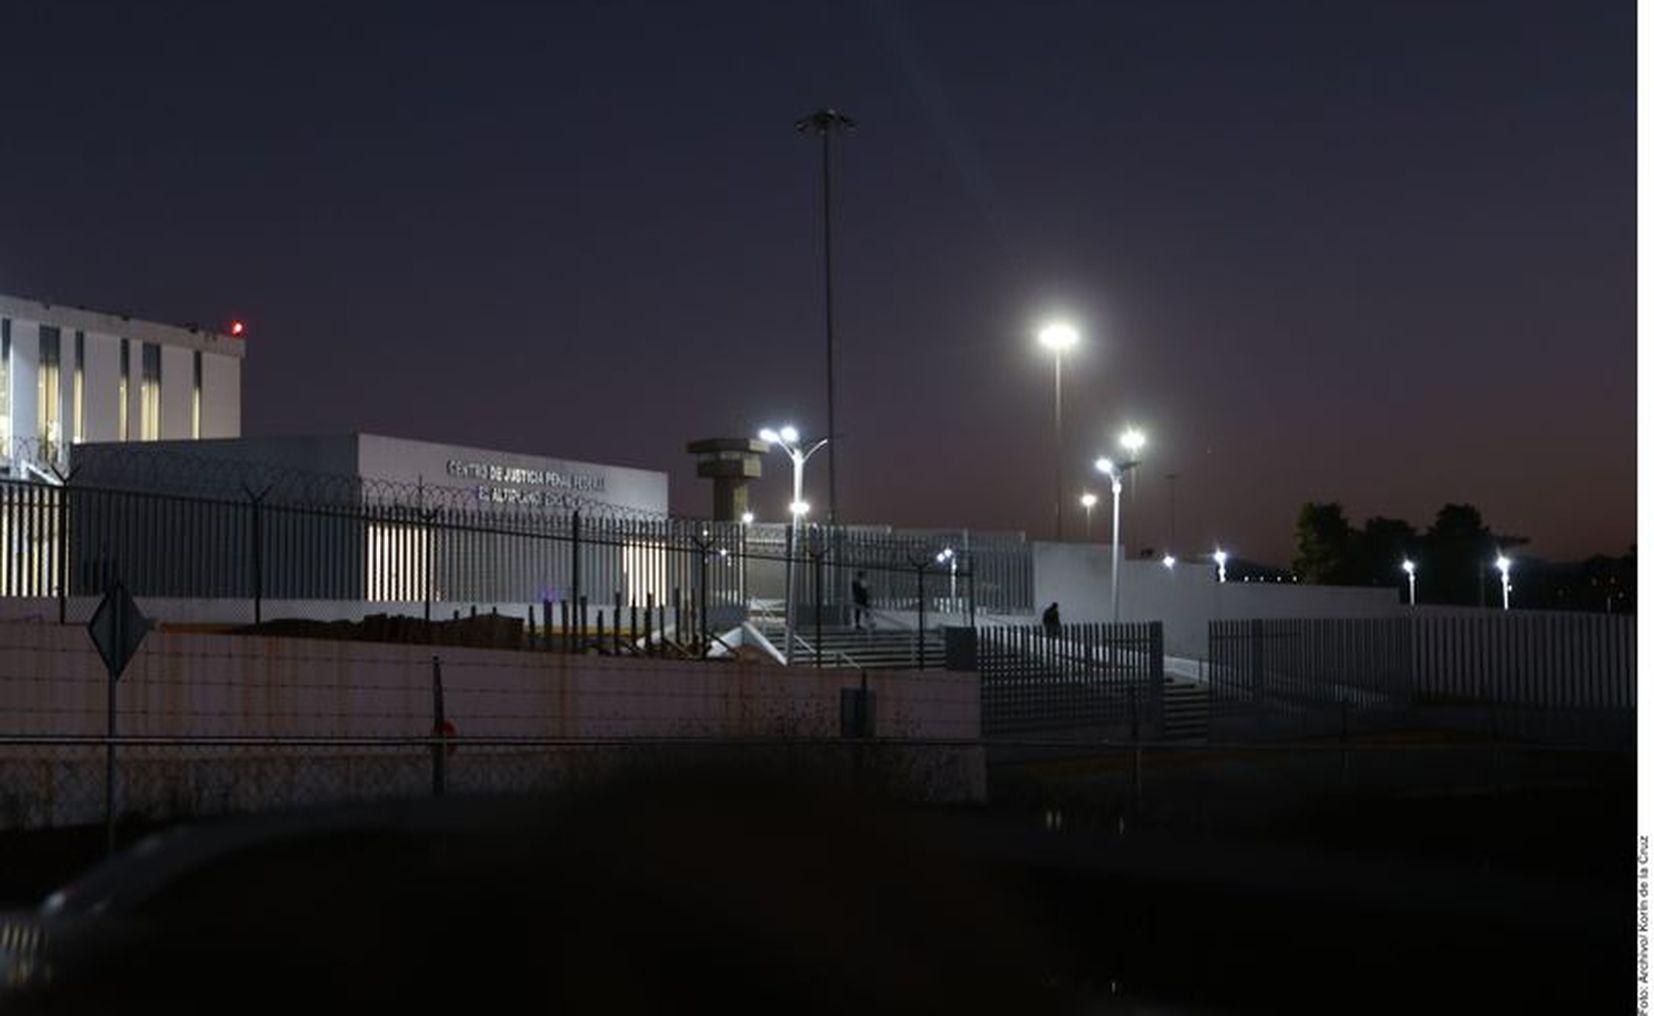 Absuelven a Celina Oseguera por fuga de 'El Chapo'